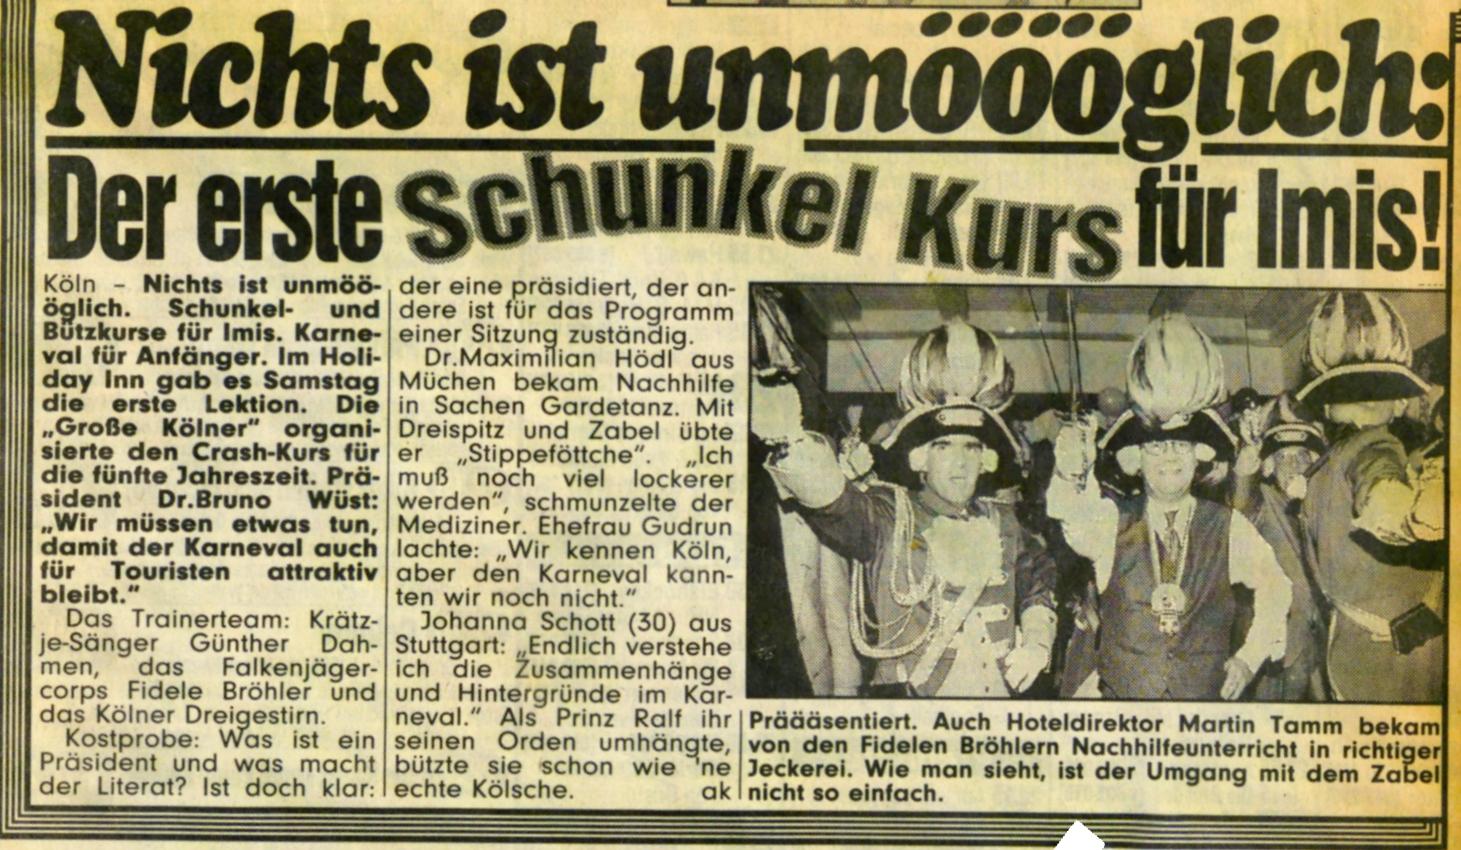 Nichtsistunmglich24.01.1994.jpg